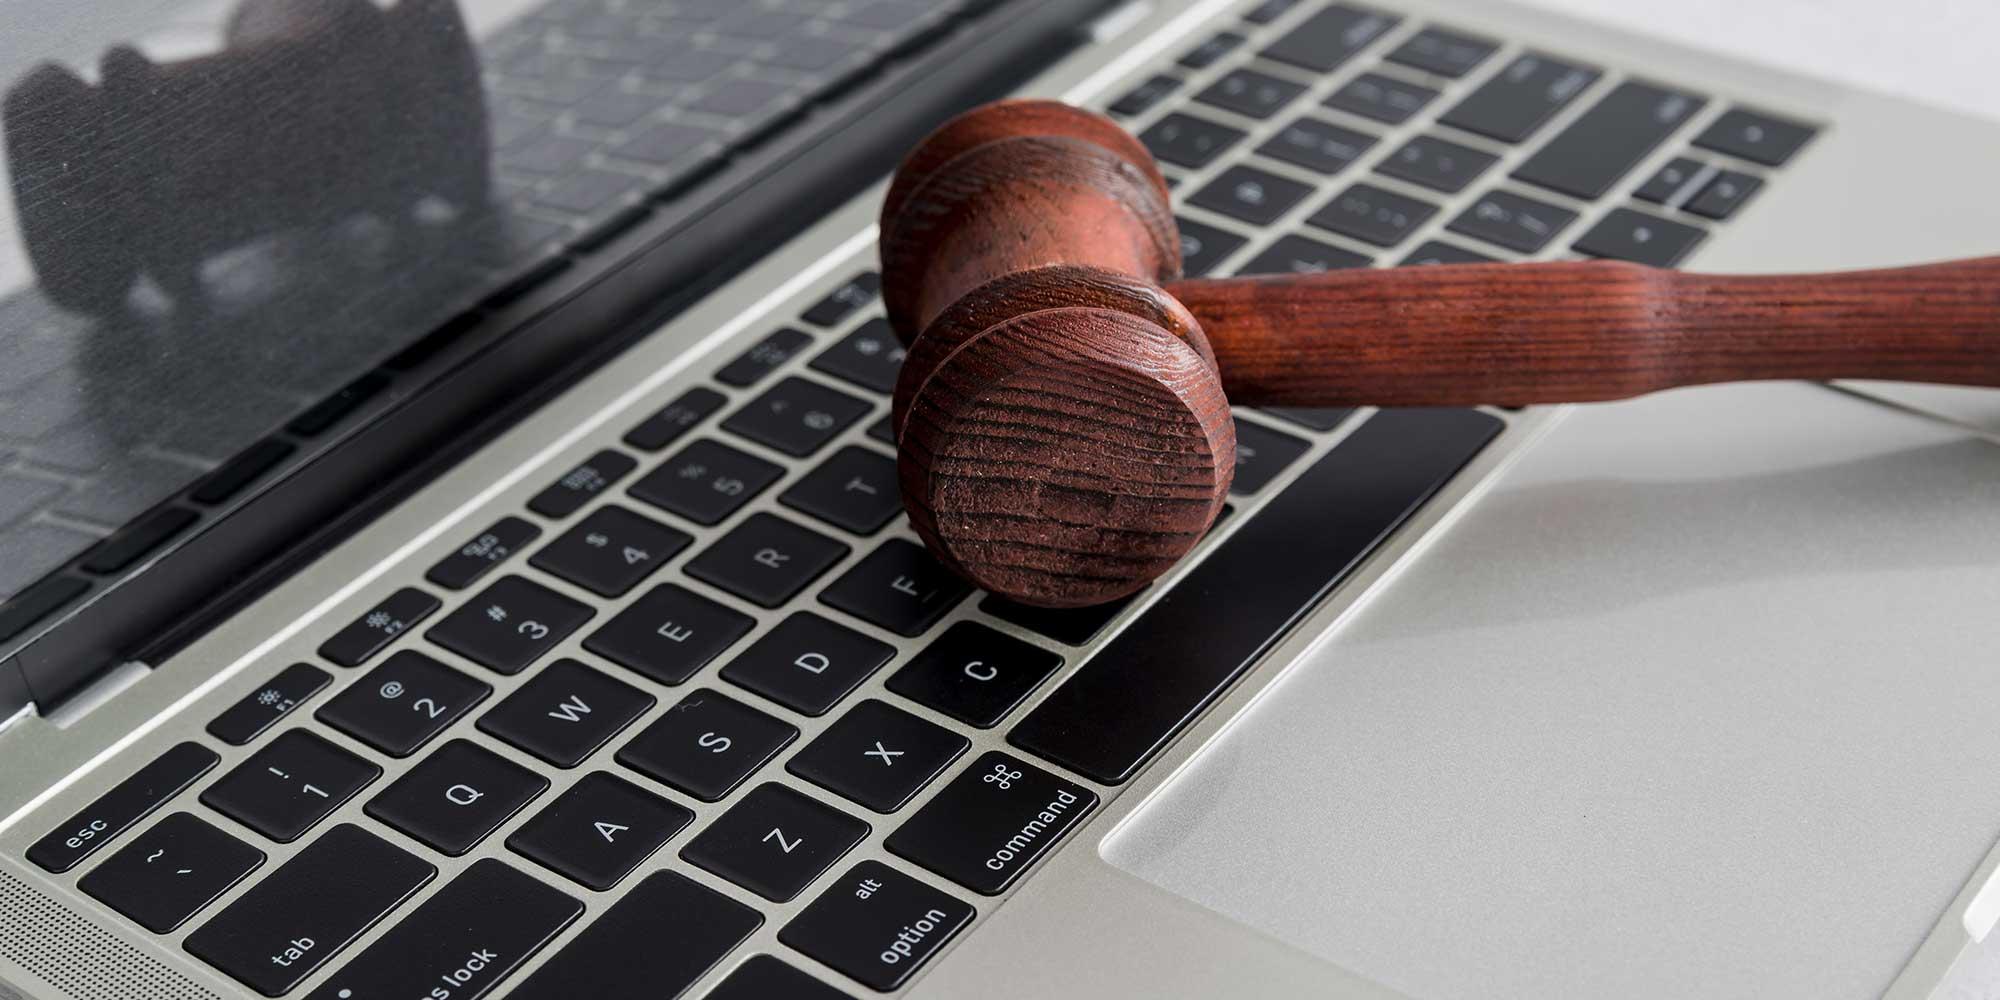 Quero trocar de software jurídico, e agora?